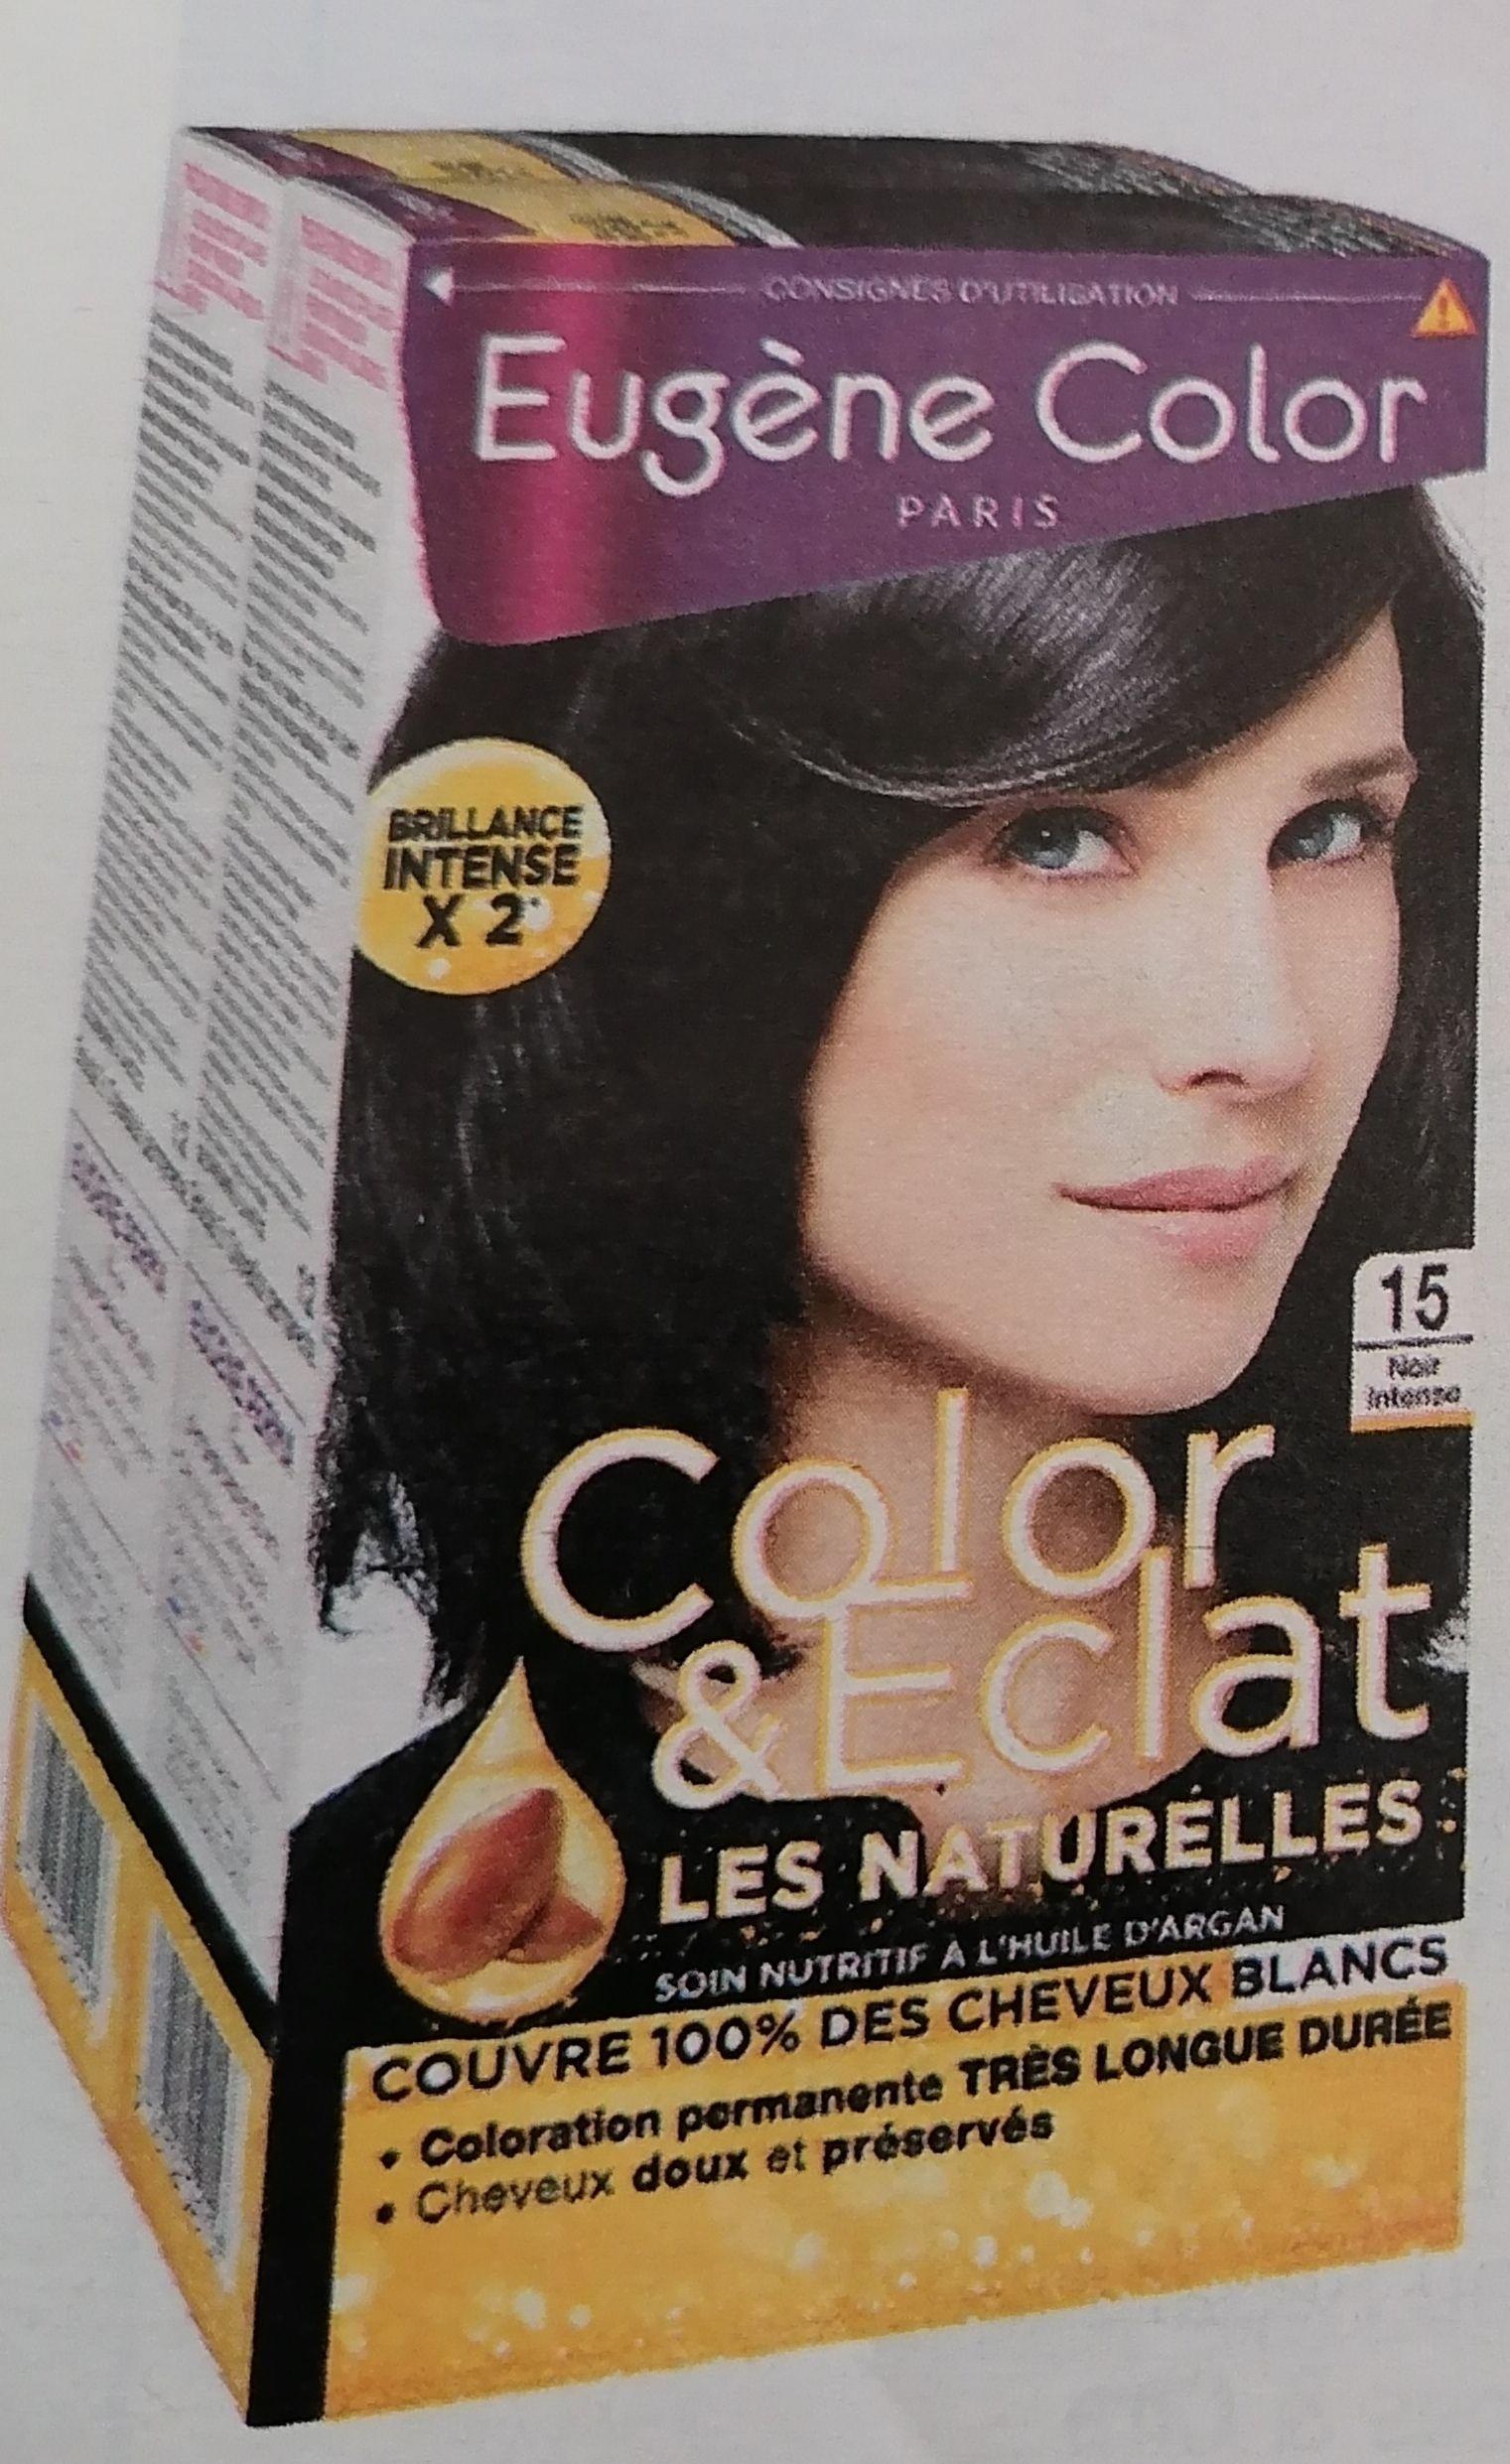 Pack de 2 Colorations Eugène Color - Color et Eclat (via 4,89€ sur la carte fidélité )